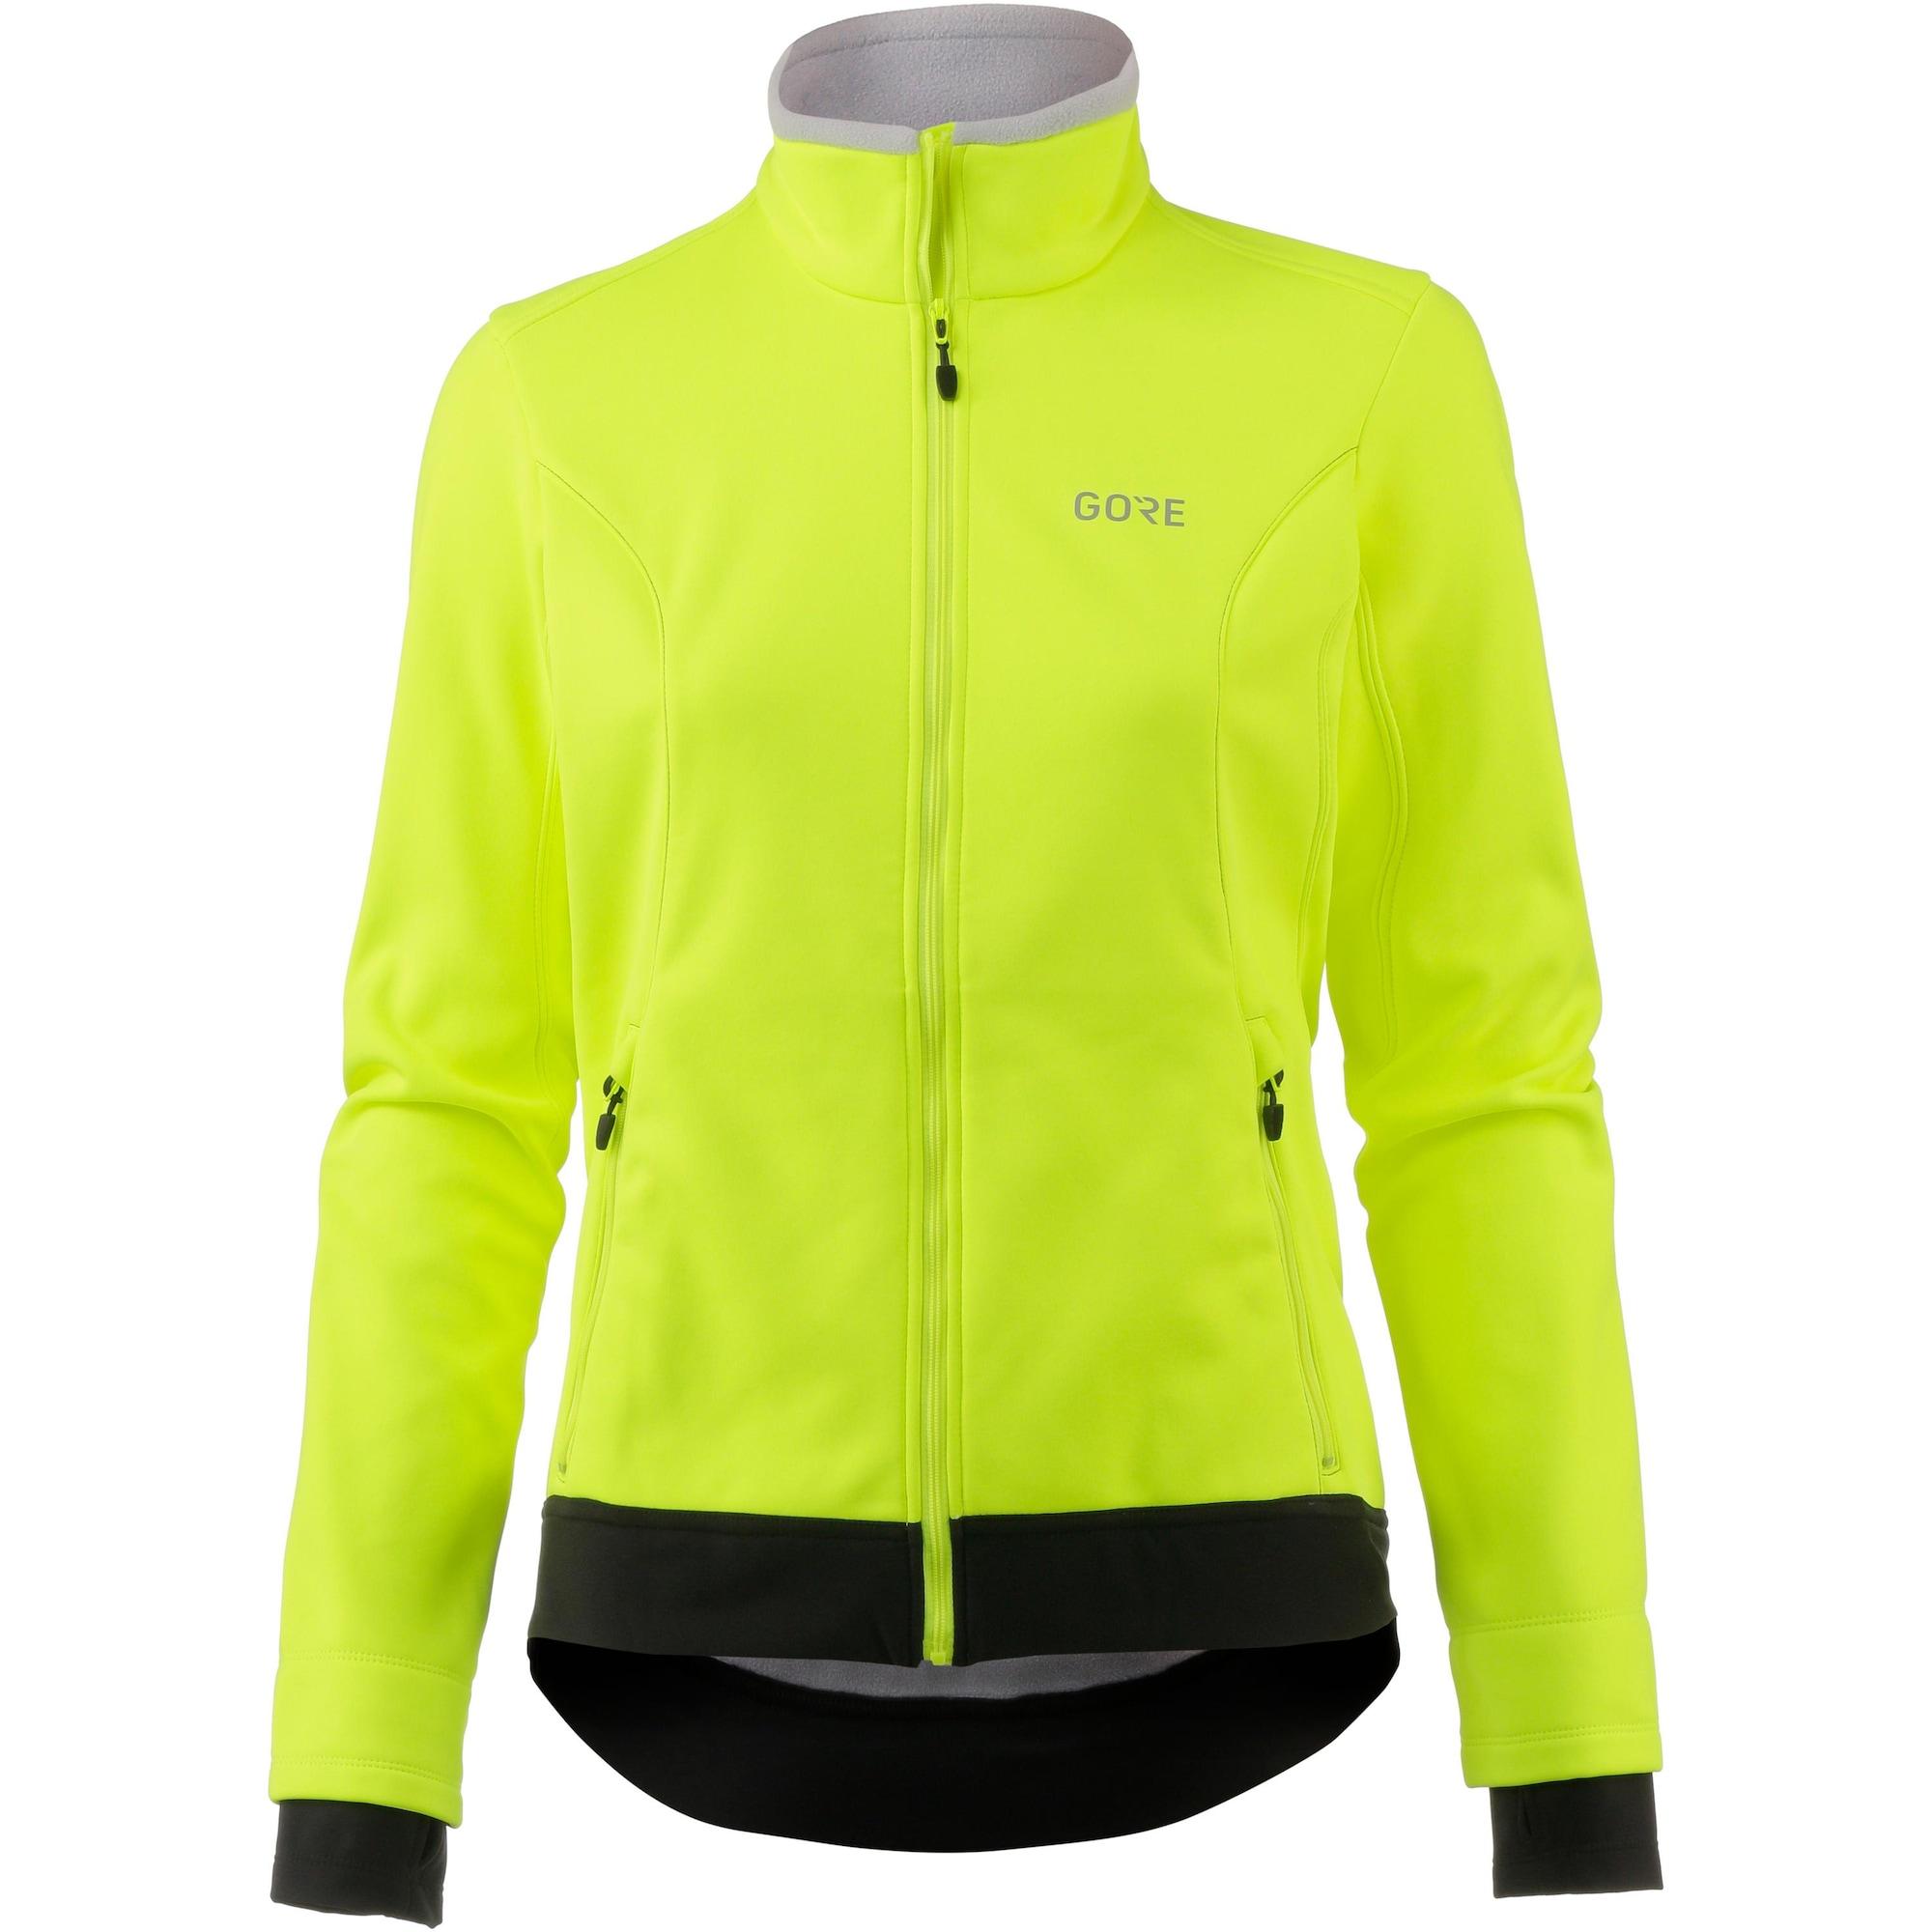 Fahrradjacke 'C3 Gore Windstopper Thermo Jacket'   Sportbekleidung > Sportjacken > Fahrradjacken   GORE WEAR